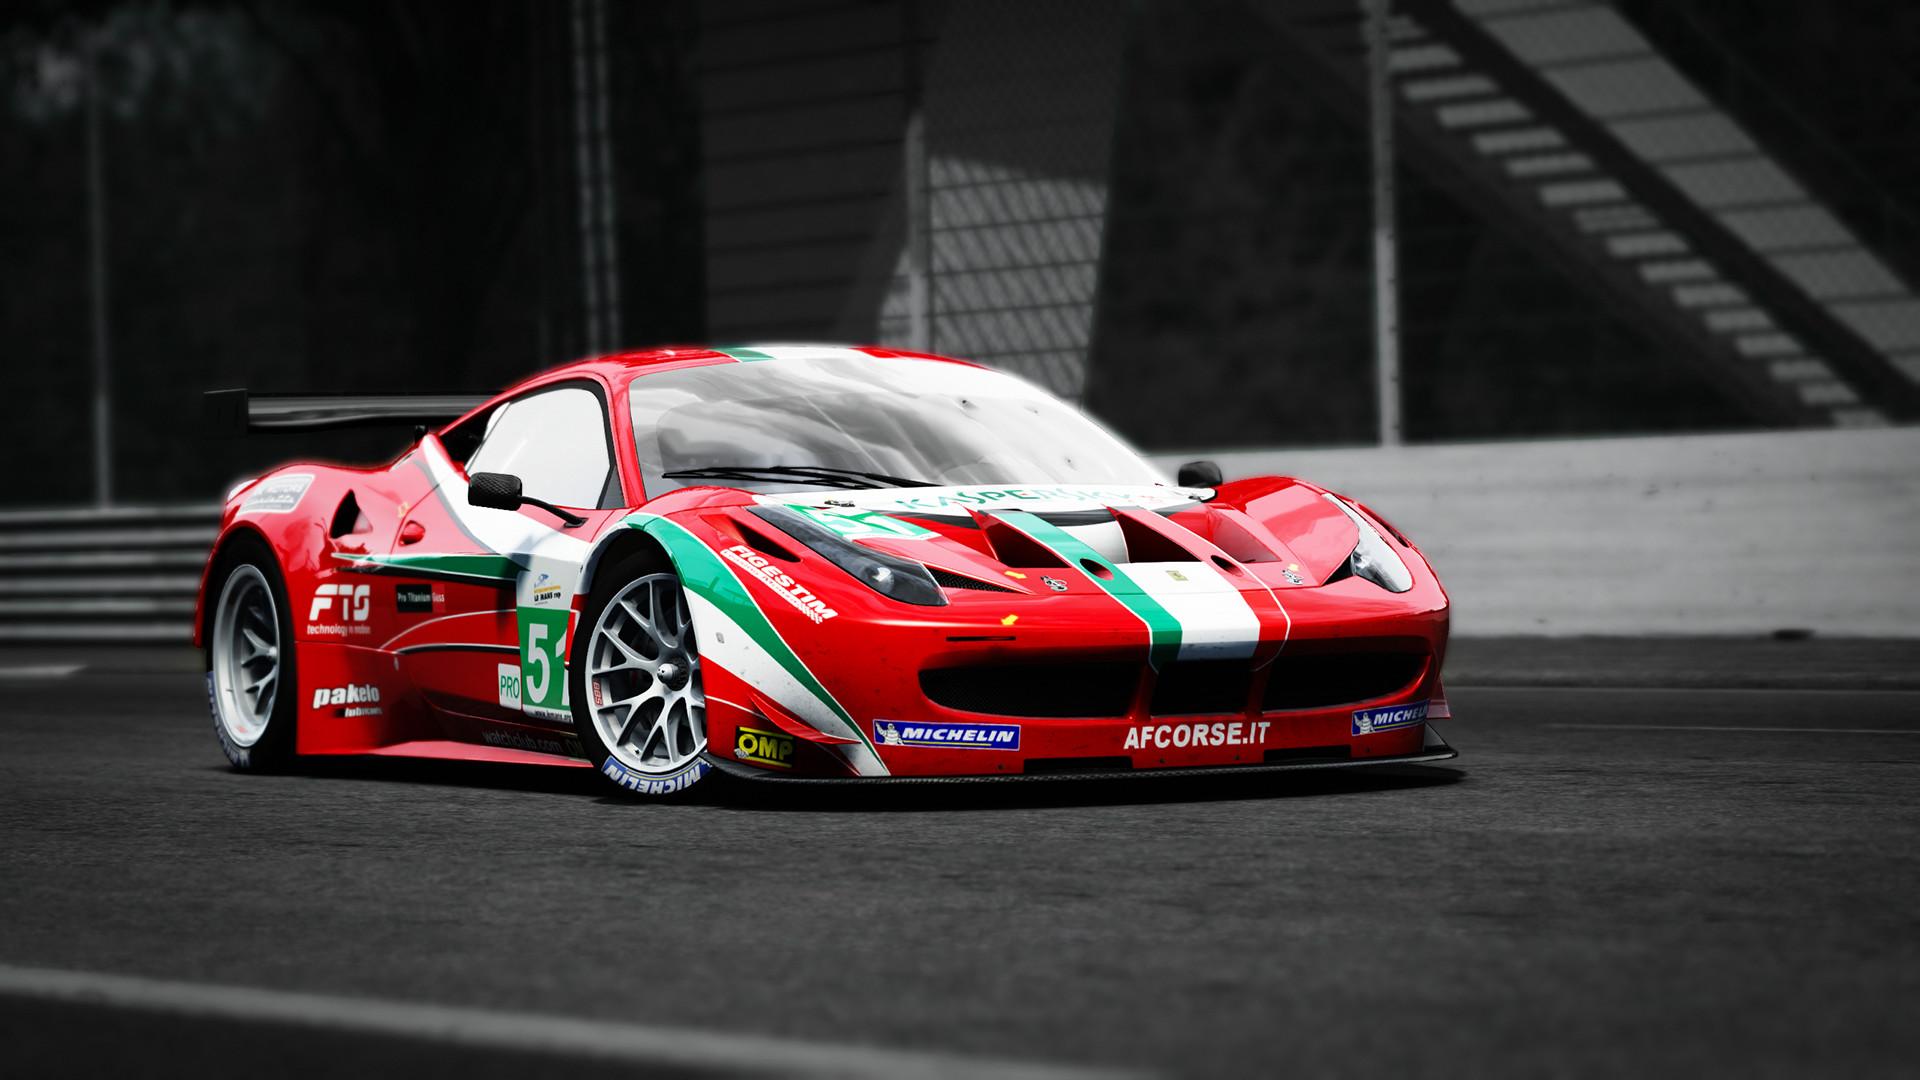 Assetto Corsa sale del Early Access y entra como juego completo con su versión 1.0 [Simulador de Carreras]